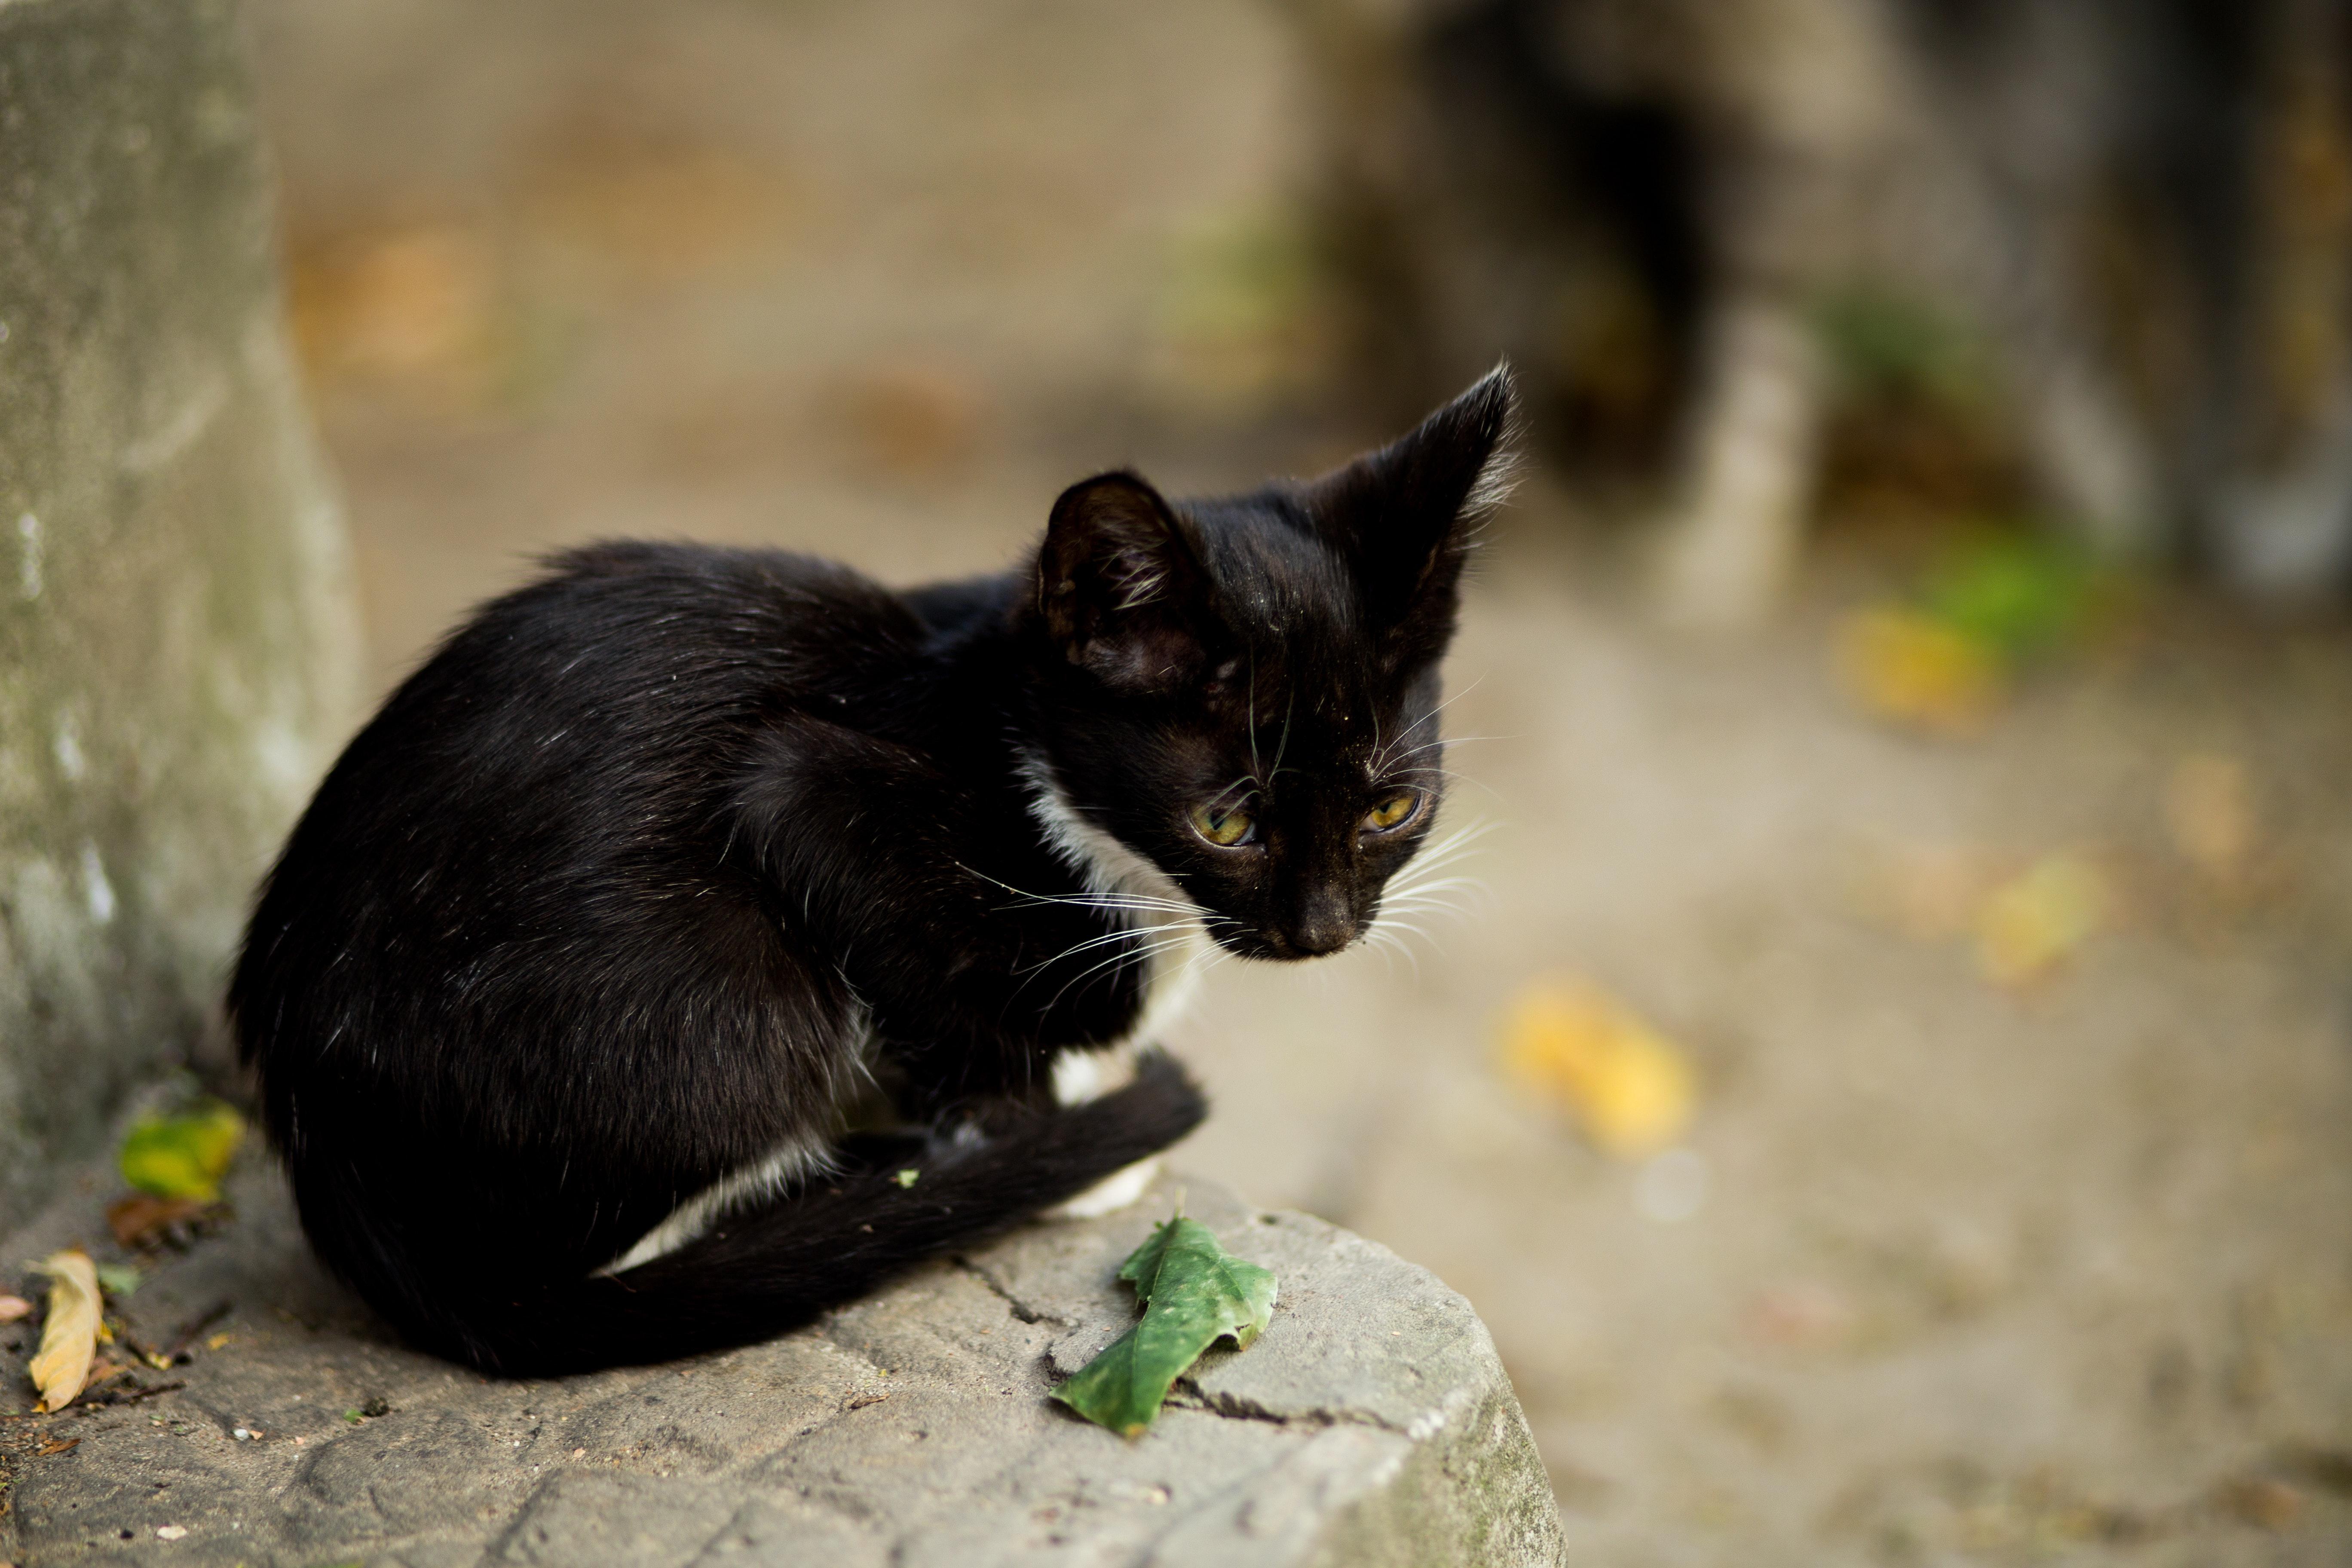 chlpatý chlpatý čierna mačička monštrum kohút Gay video